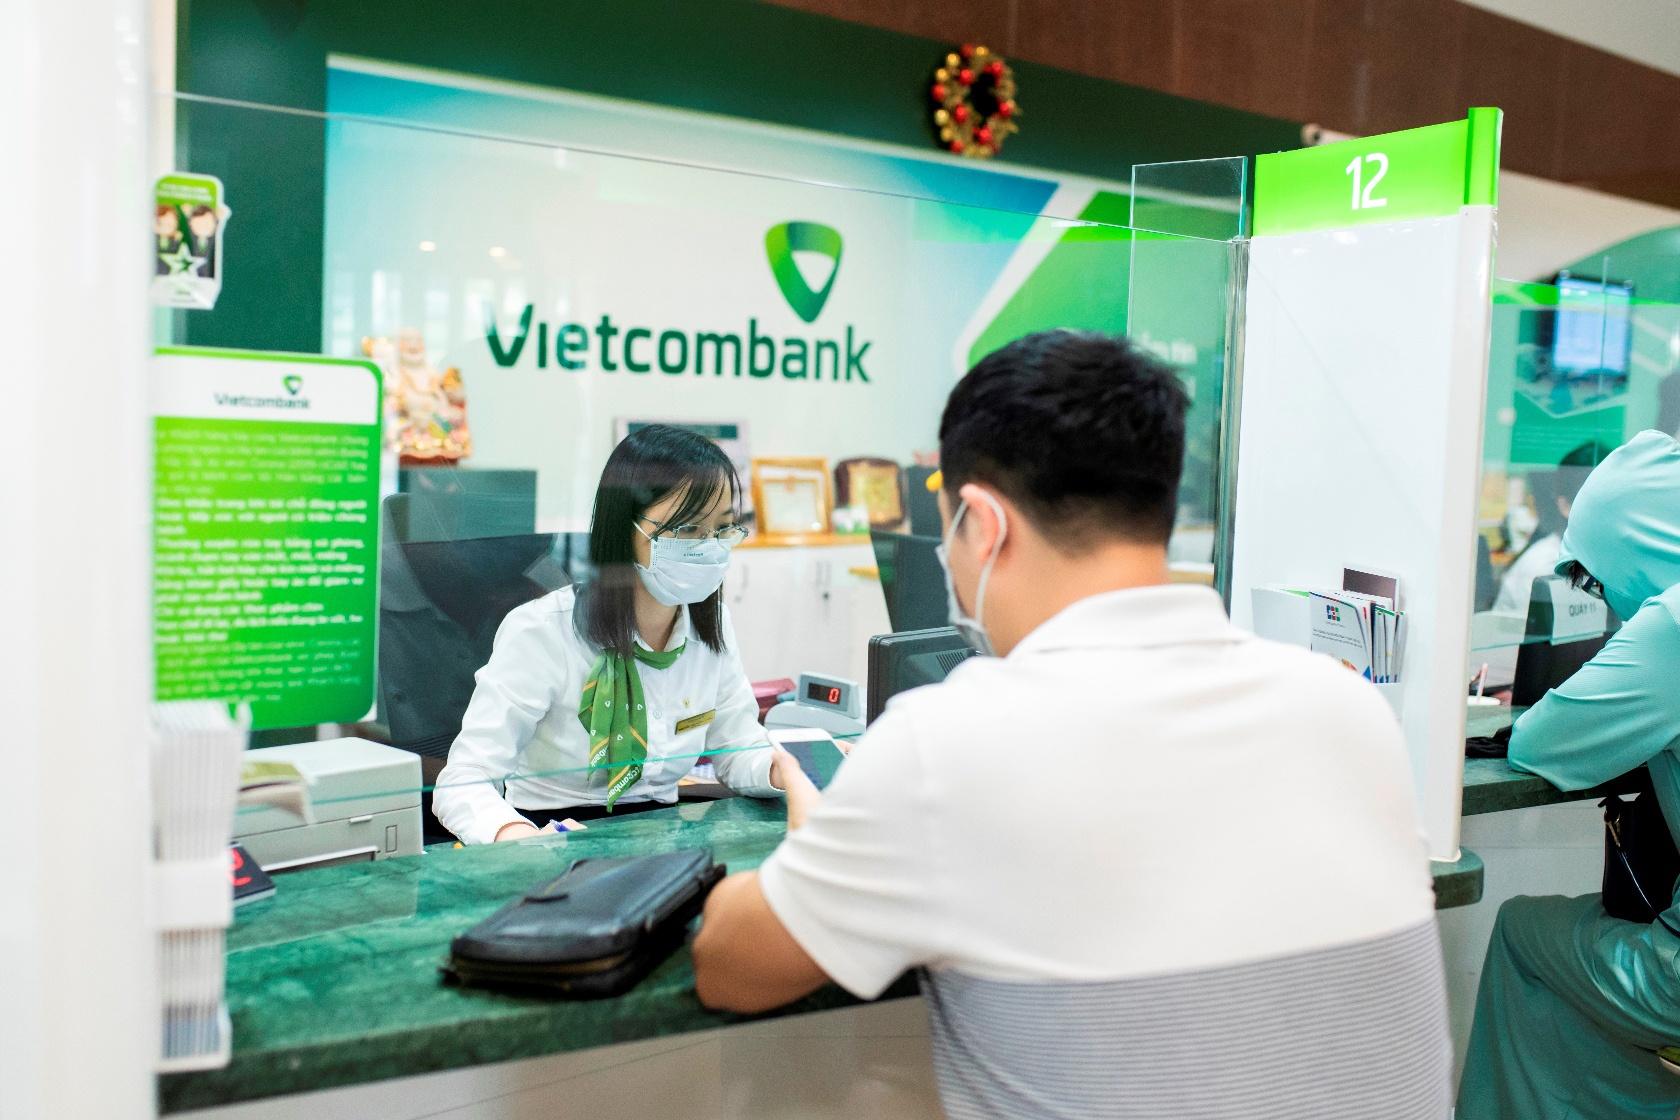 Cập nhật lãi suất tiền gửi ngân hàng Vietcombank tháng 6/2021 - Ảnh 1.